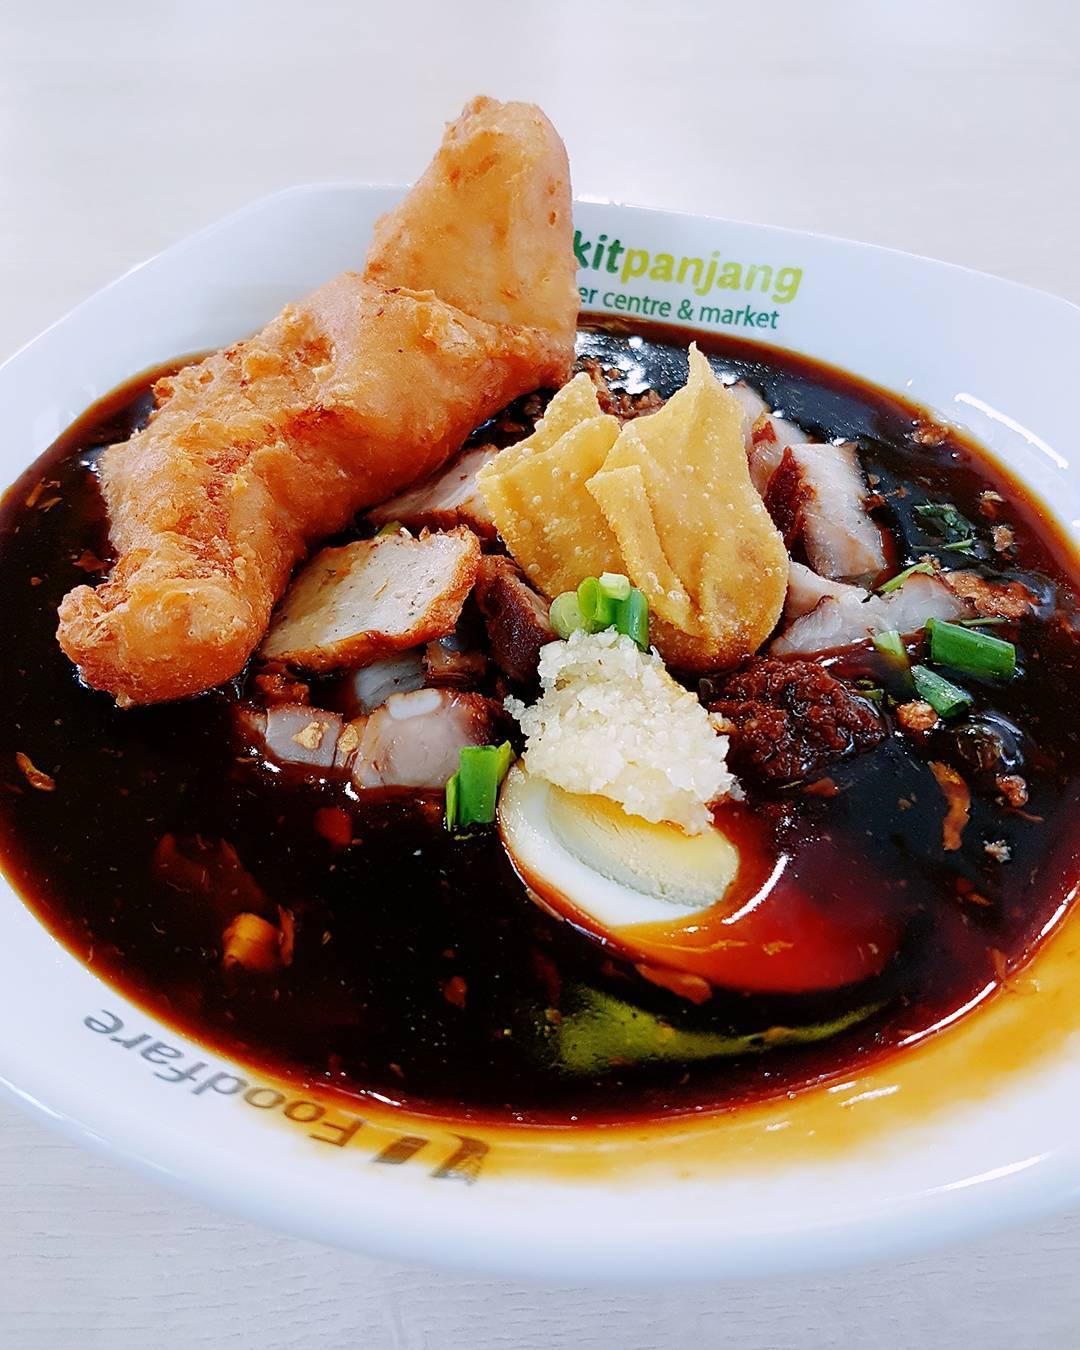 Bukit Panjang Food Centre - Zai Lai